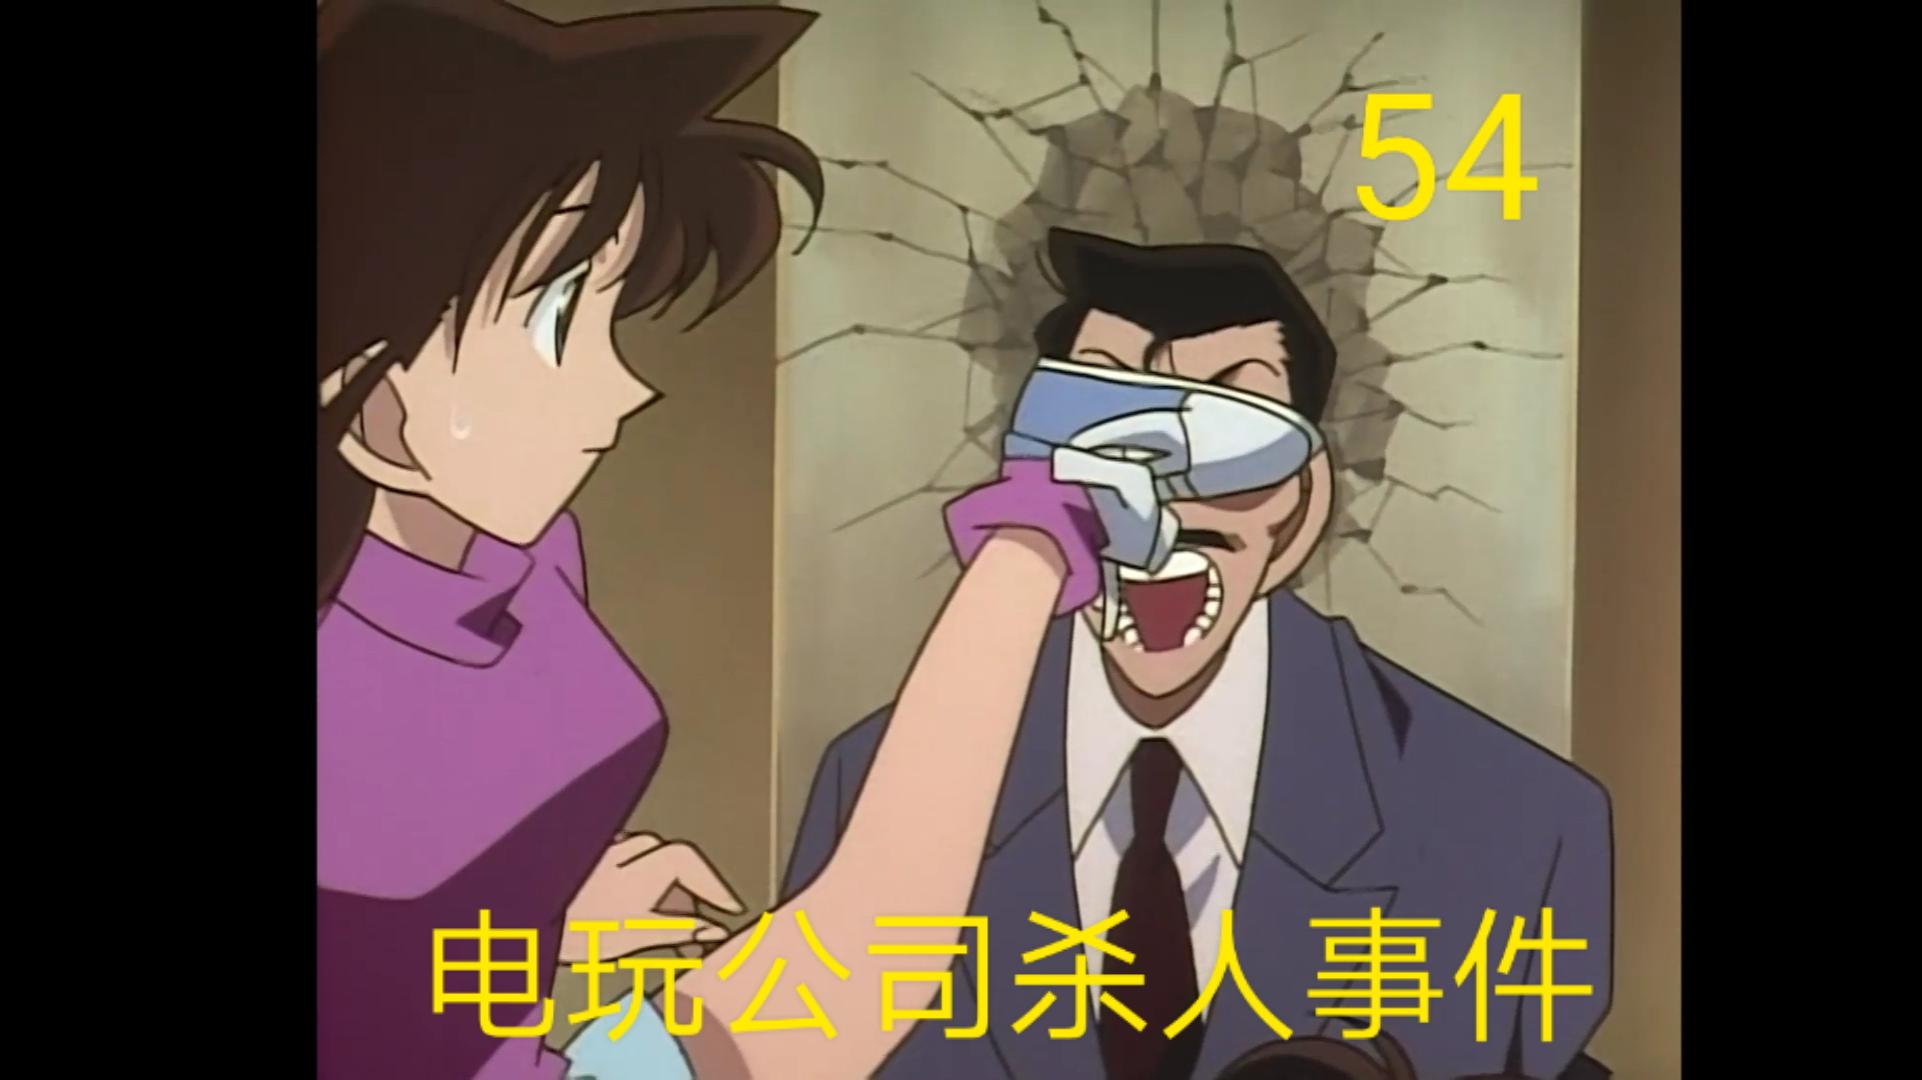 【名侦探柯南54】柯南终于还是对小兰下手了!